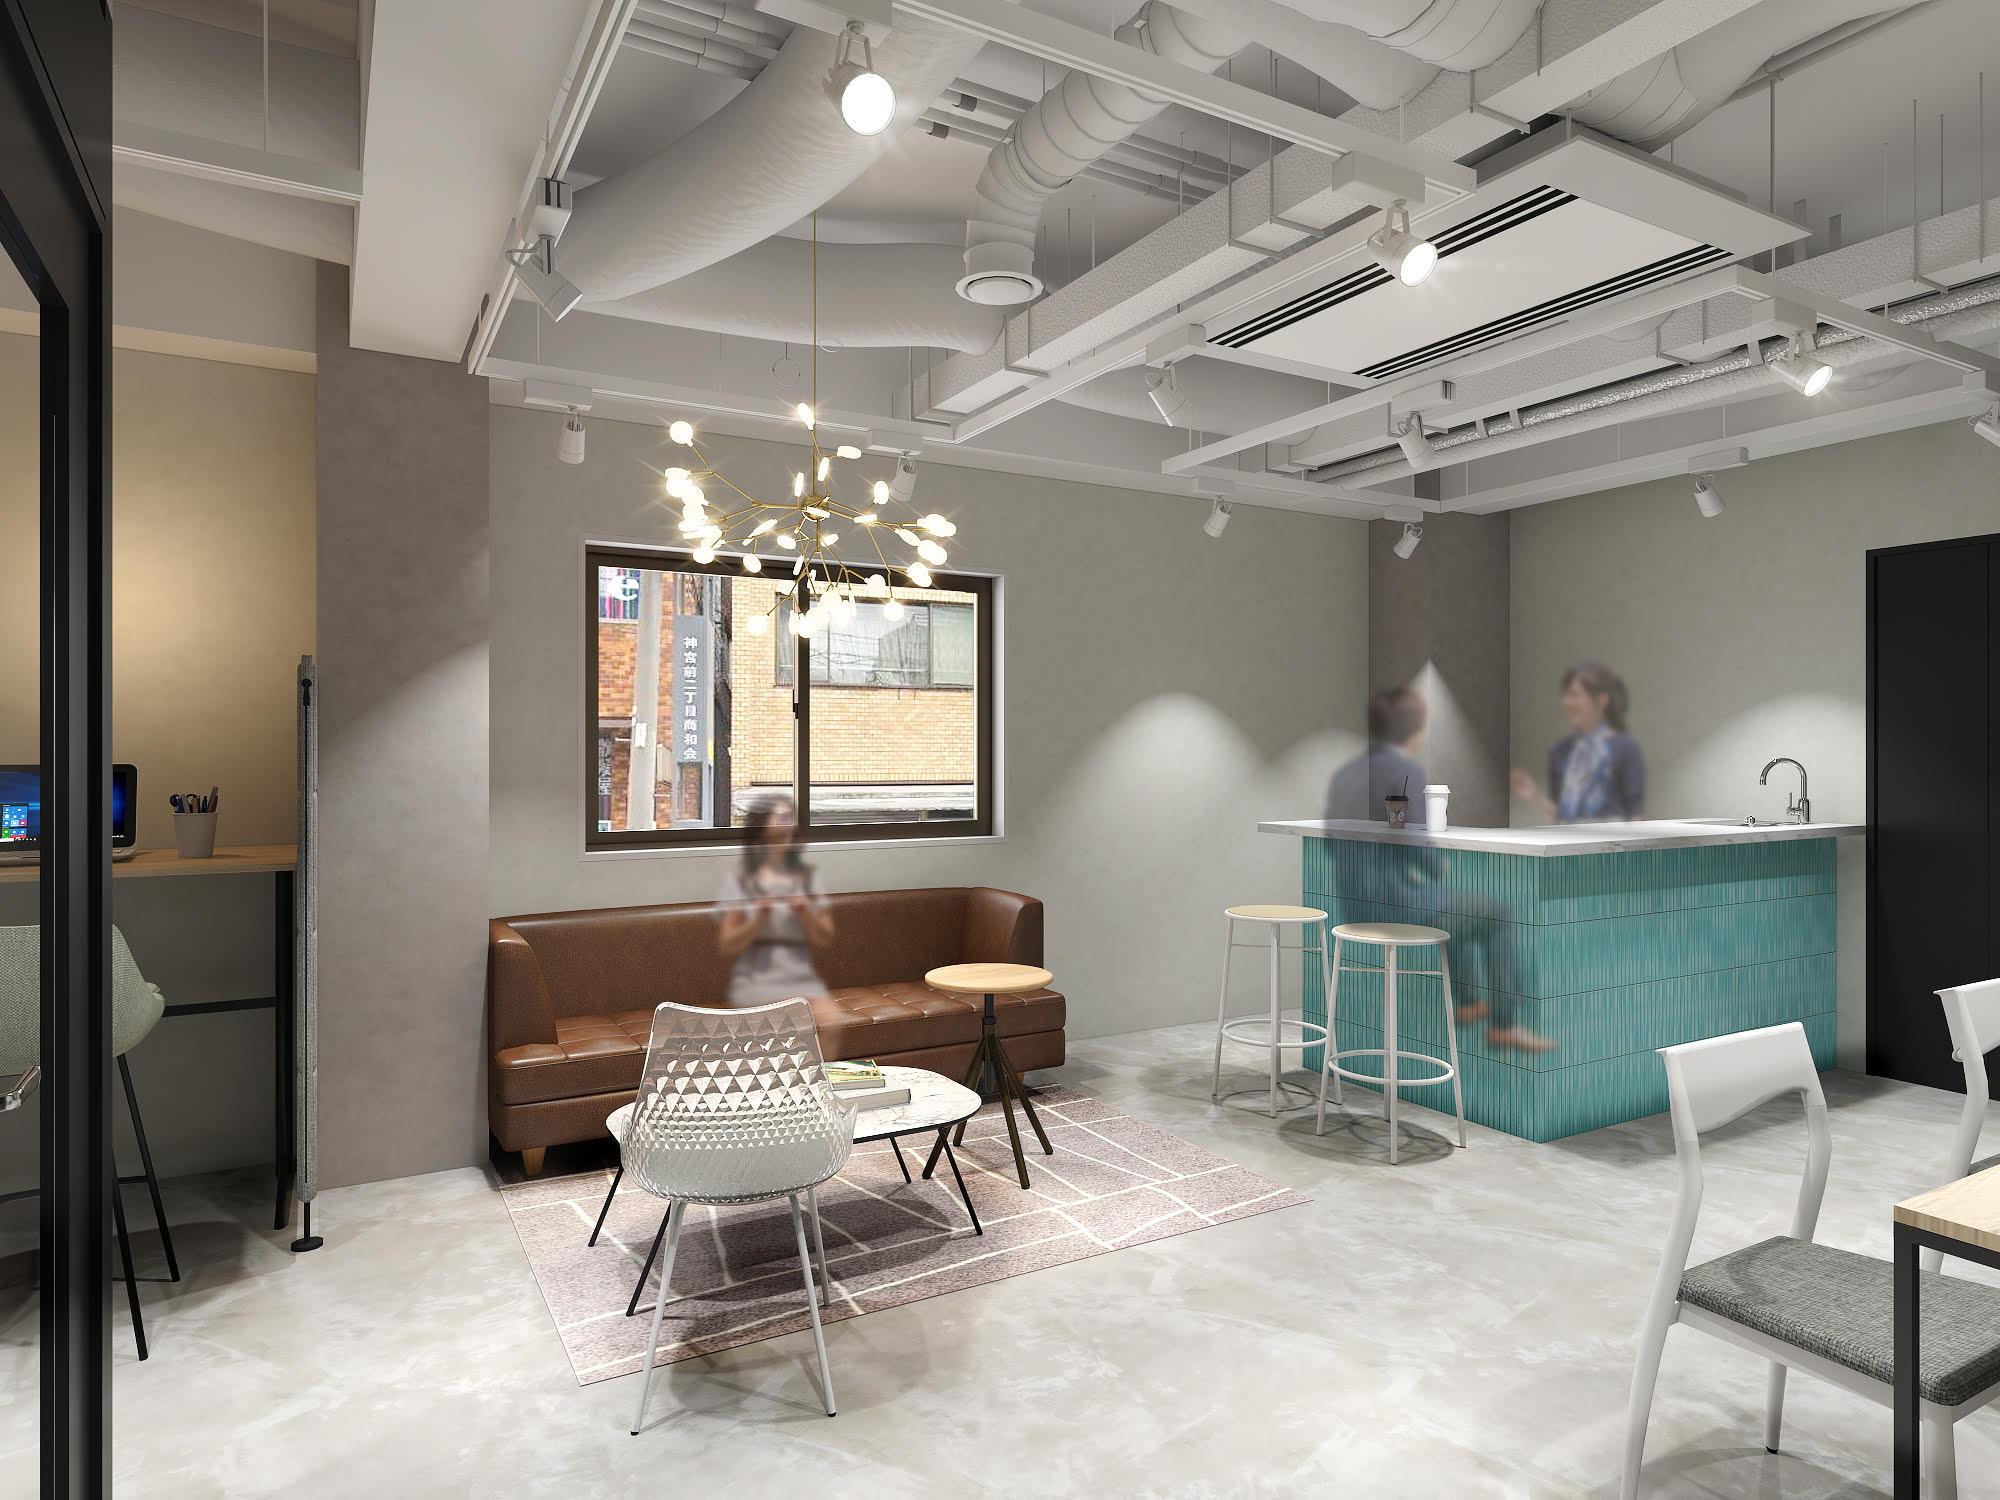 【セットアップ】両国駅前、家具+内装造作付き、入退去時のコストを大幅に削減できるオフィス